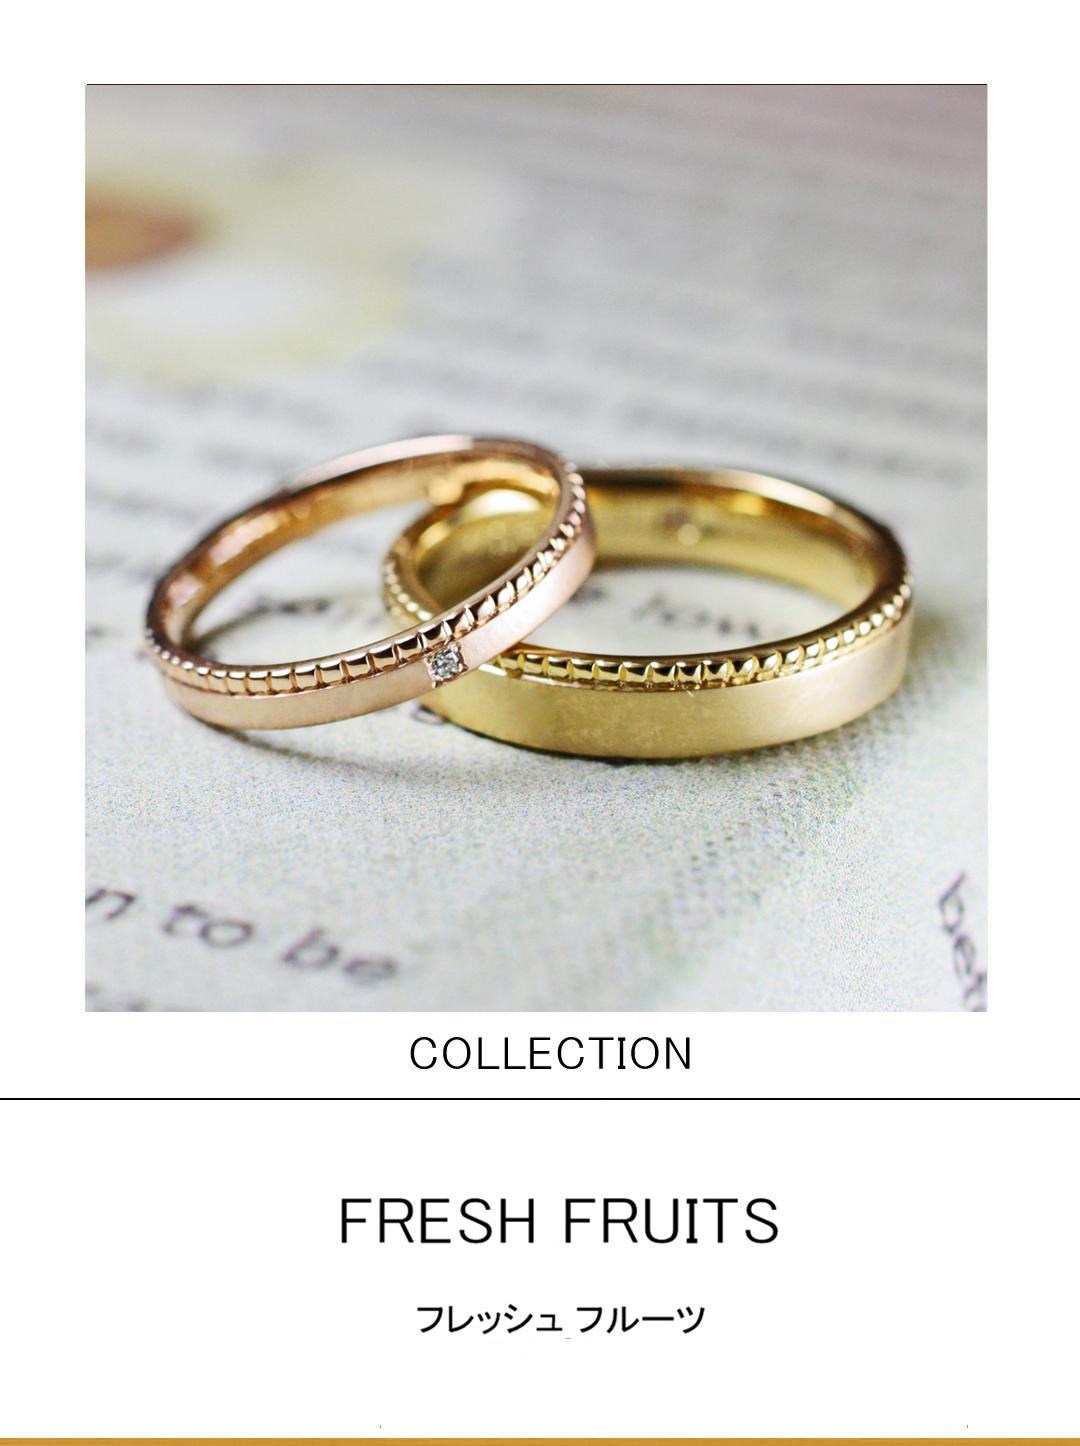 ピンク&イエローゴールドをフルーツカラーにした結婚指輪のサムネイル